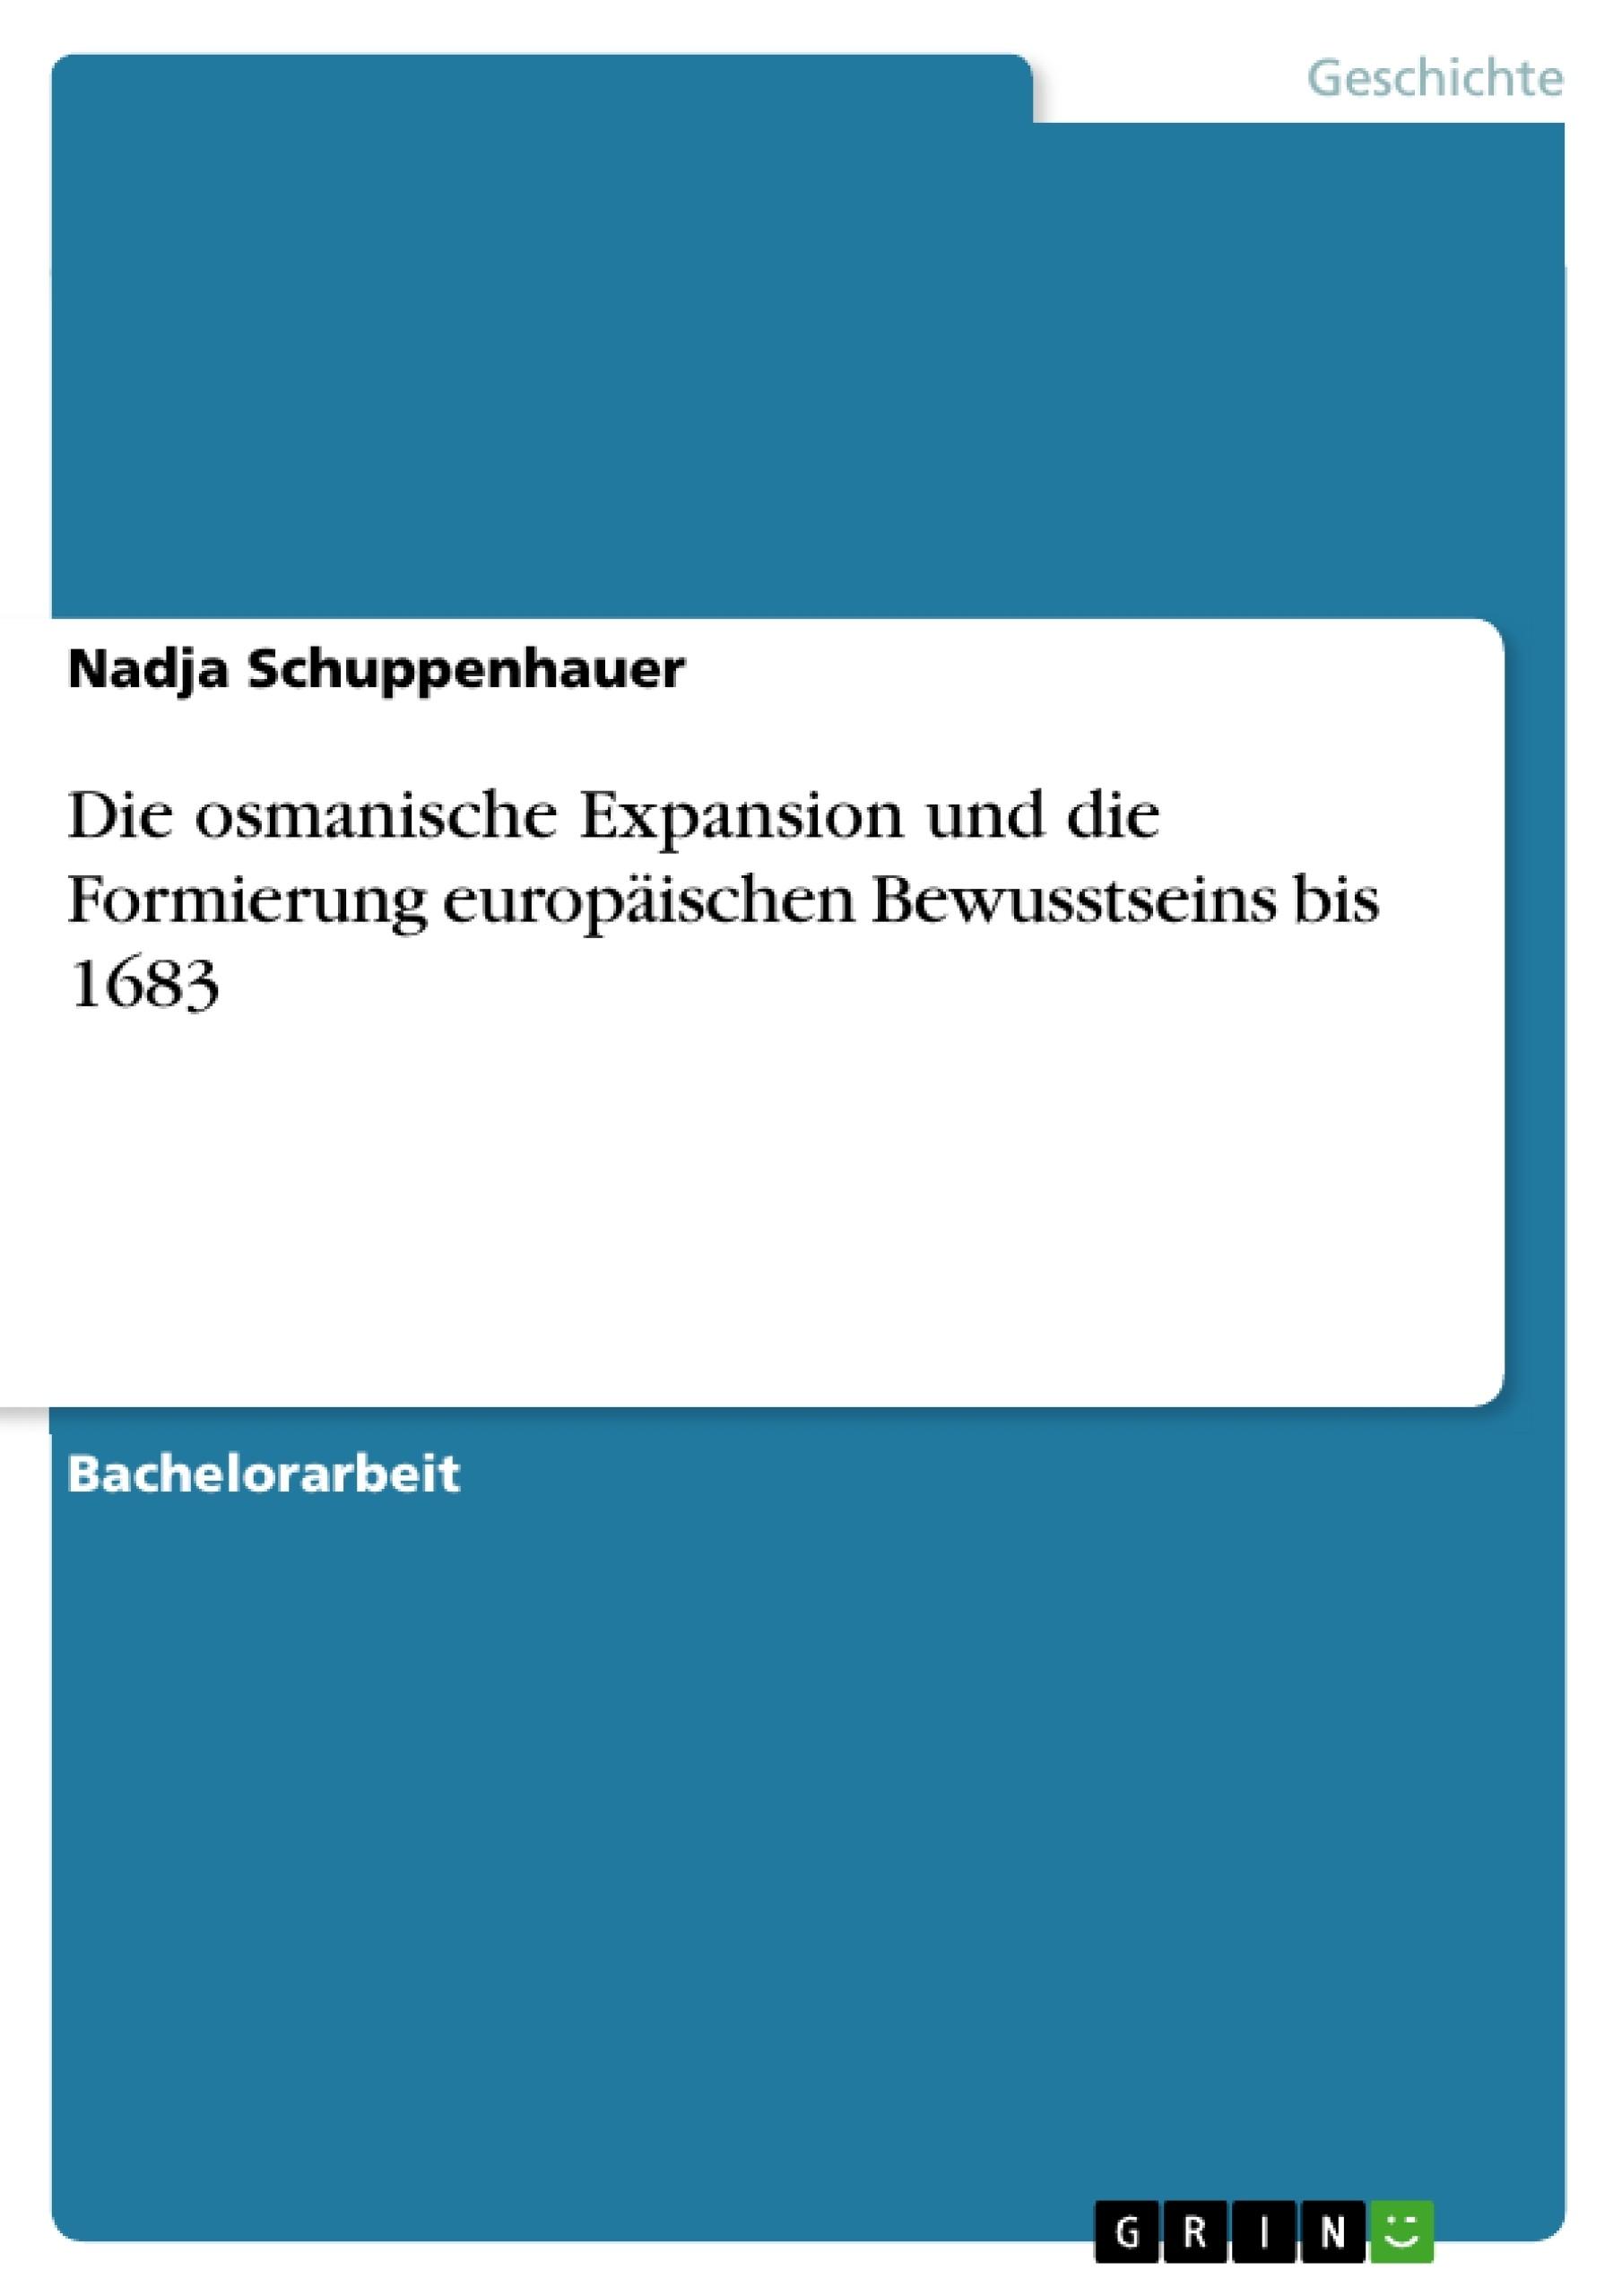 Titel: Die osmanische Expansion und die Formierung europäischen Bewusstseins bis 1683